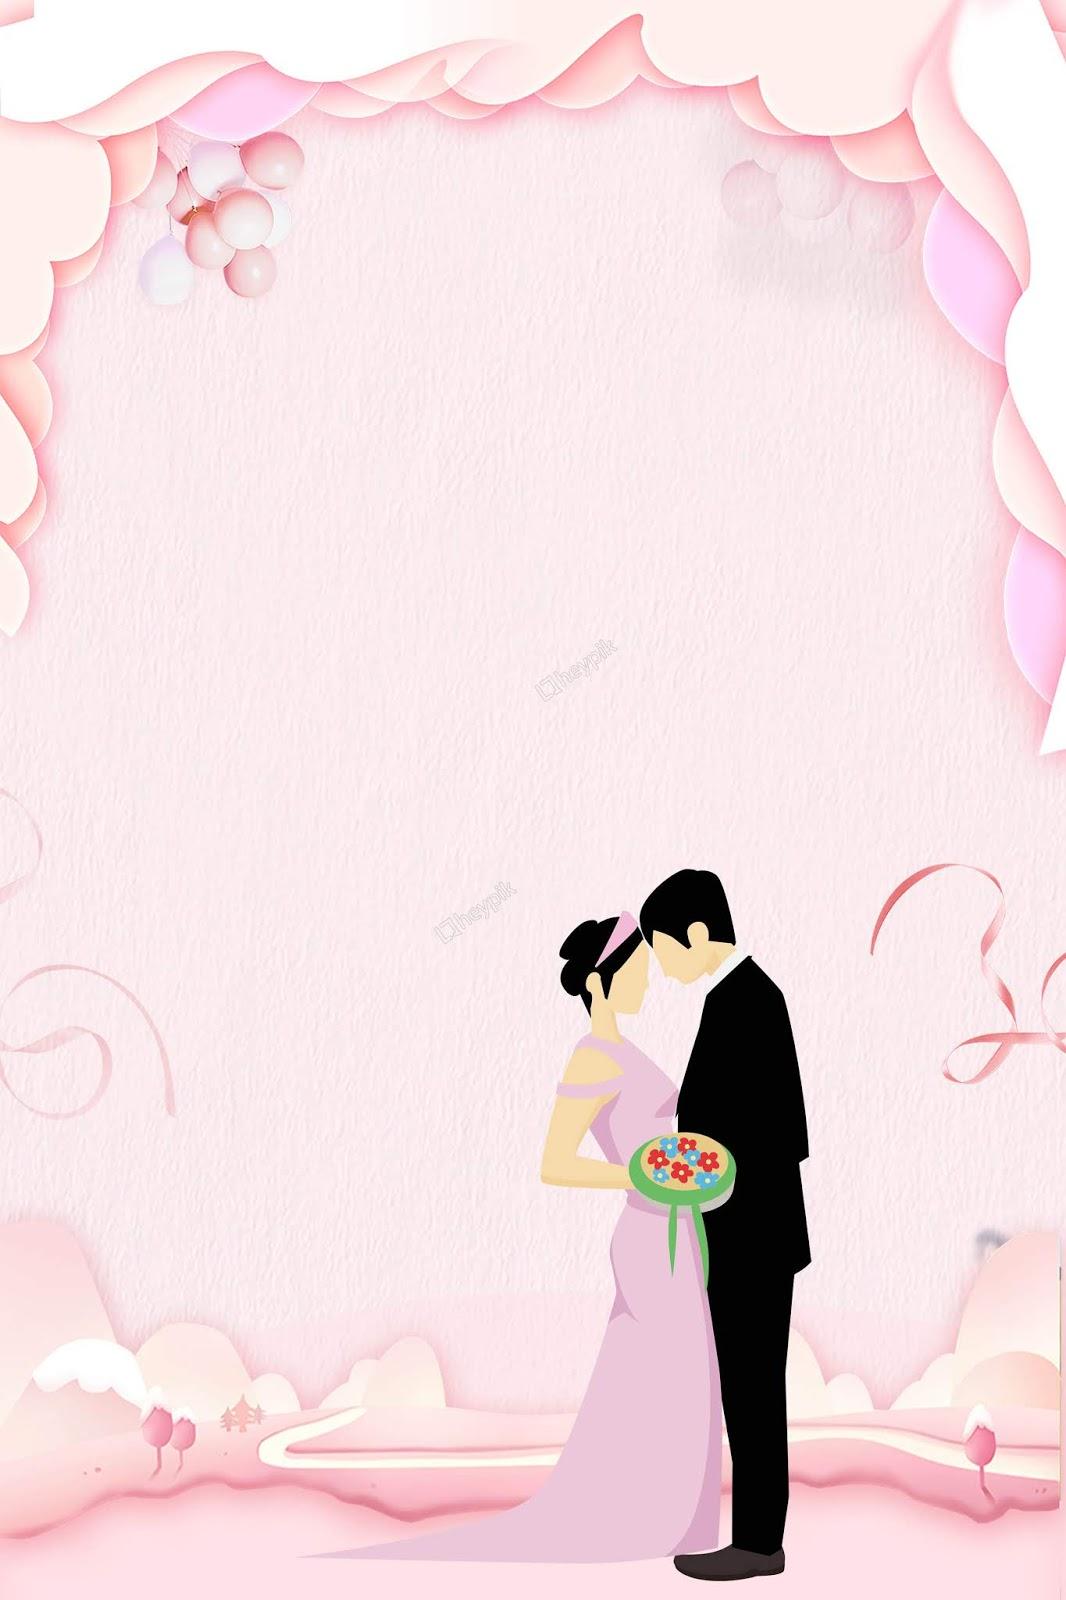 مجموعة قوالب خلفيات إستديوهات تصوير زفاف وخطوبة Psd قابلة للتعديل